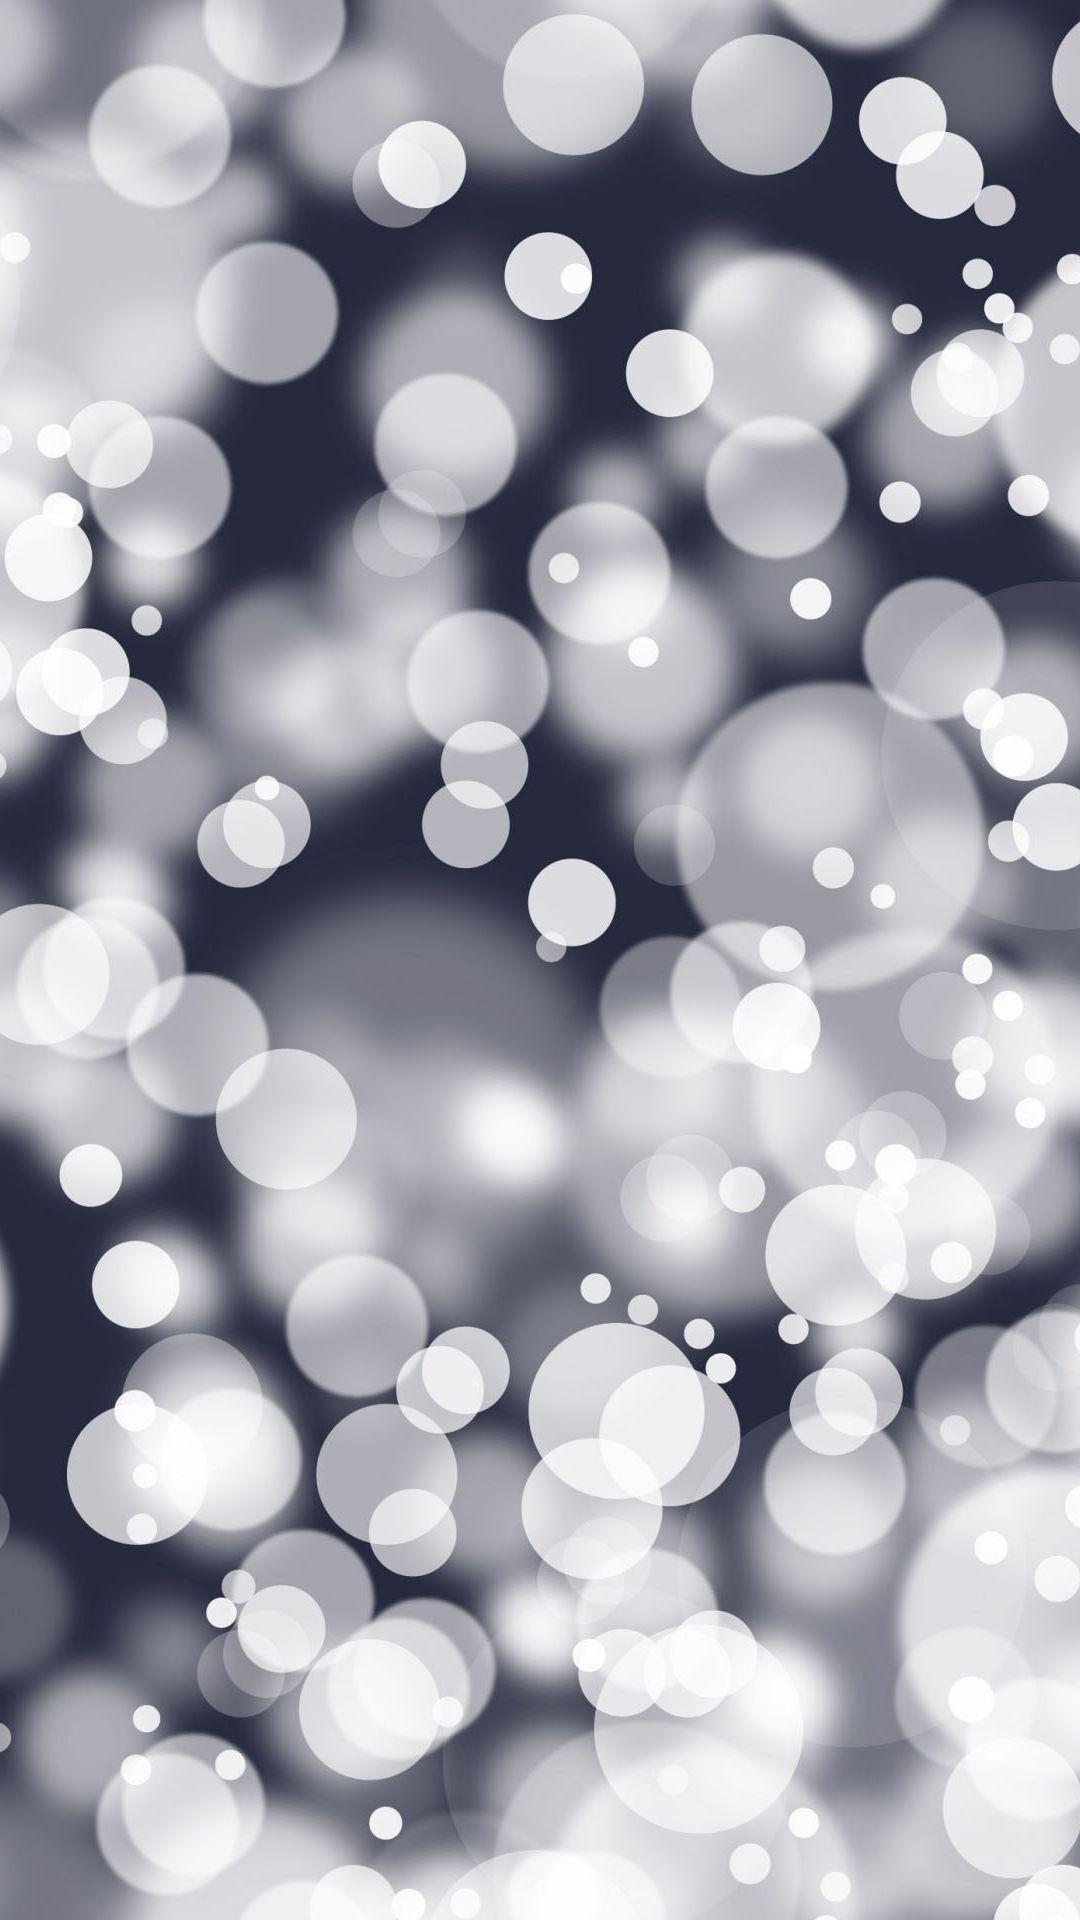 Best Wallpaper Galaxy White - b95bf50380b6fd5a99894f0cc755f2be  HD_803376 .jpg